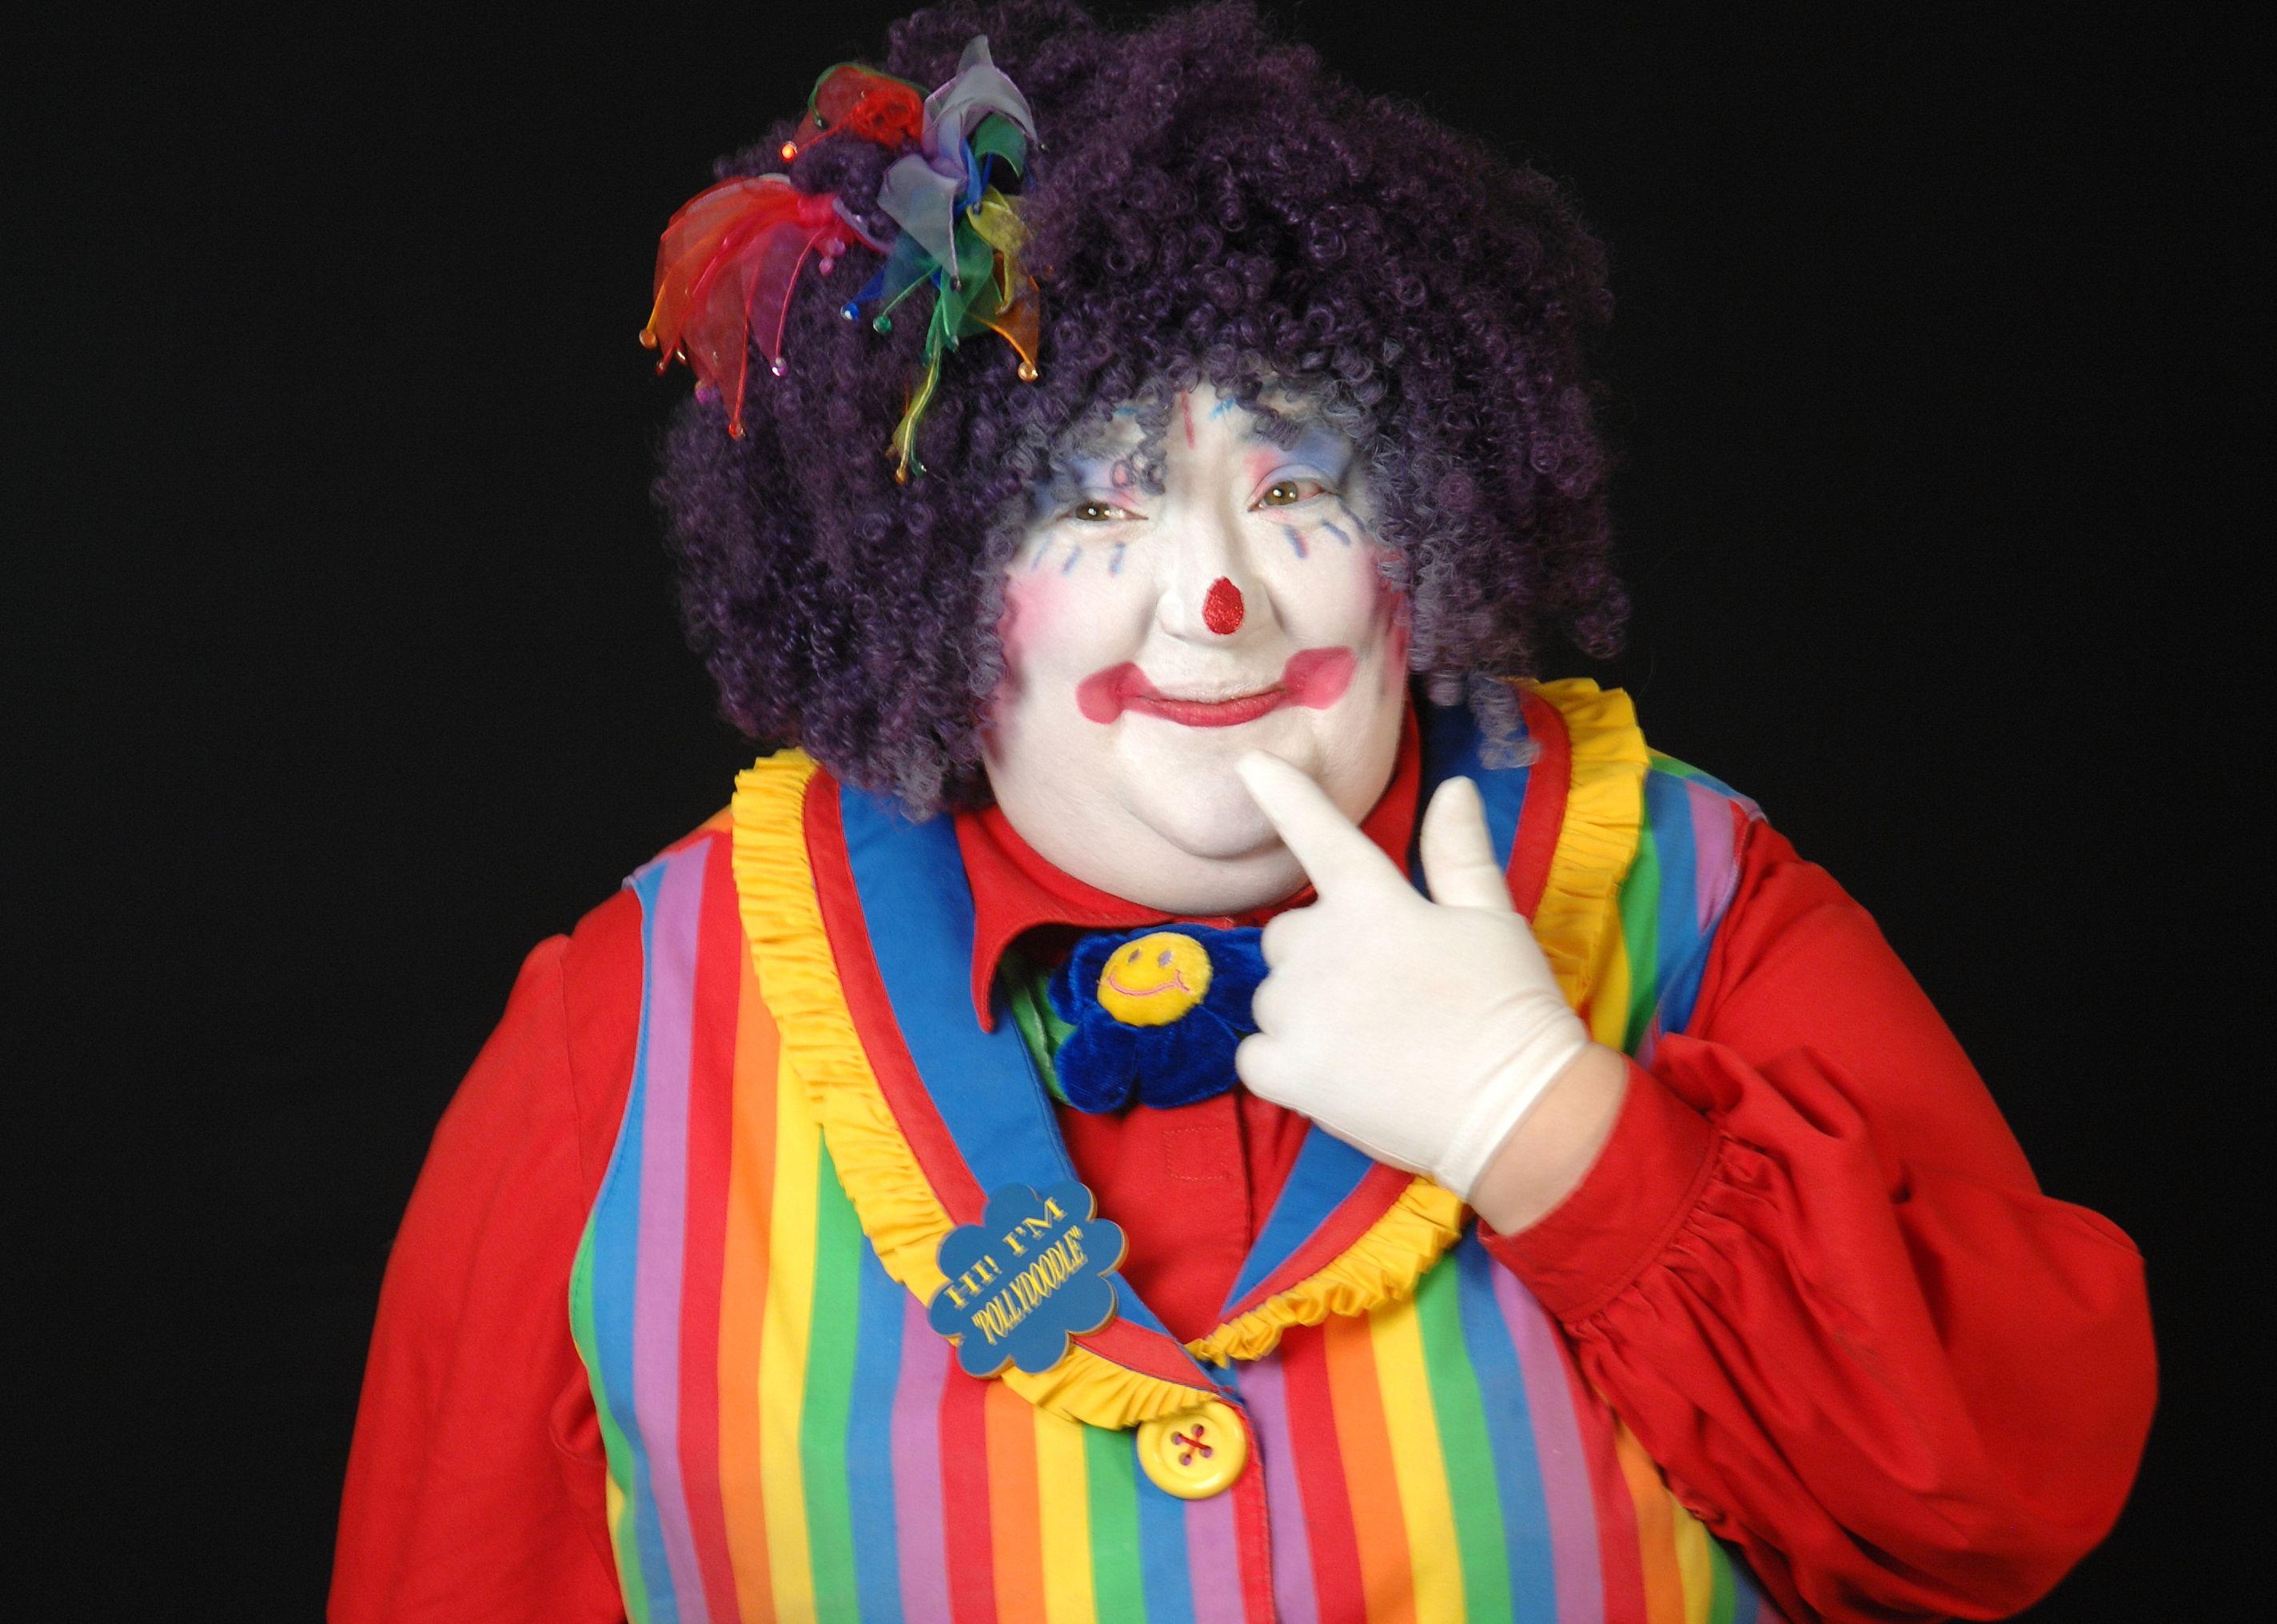 Clowns Entertain More Than 300 In Humanitarian Show Clown Cute Clown Female Clown